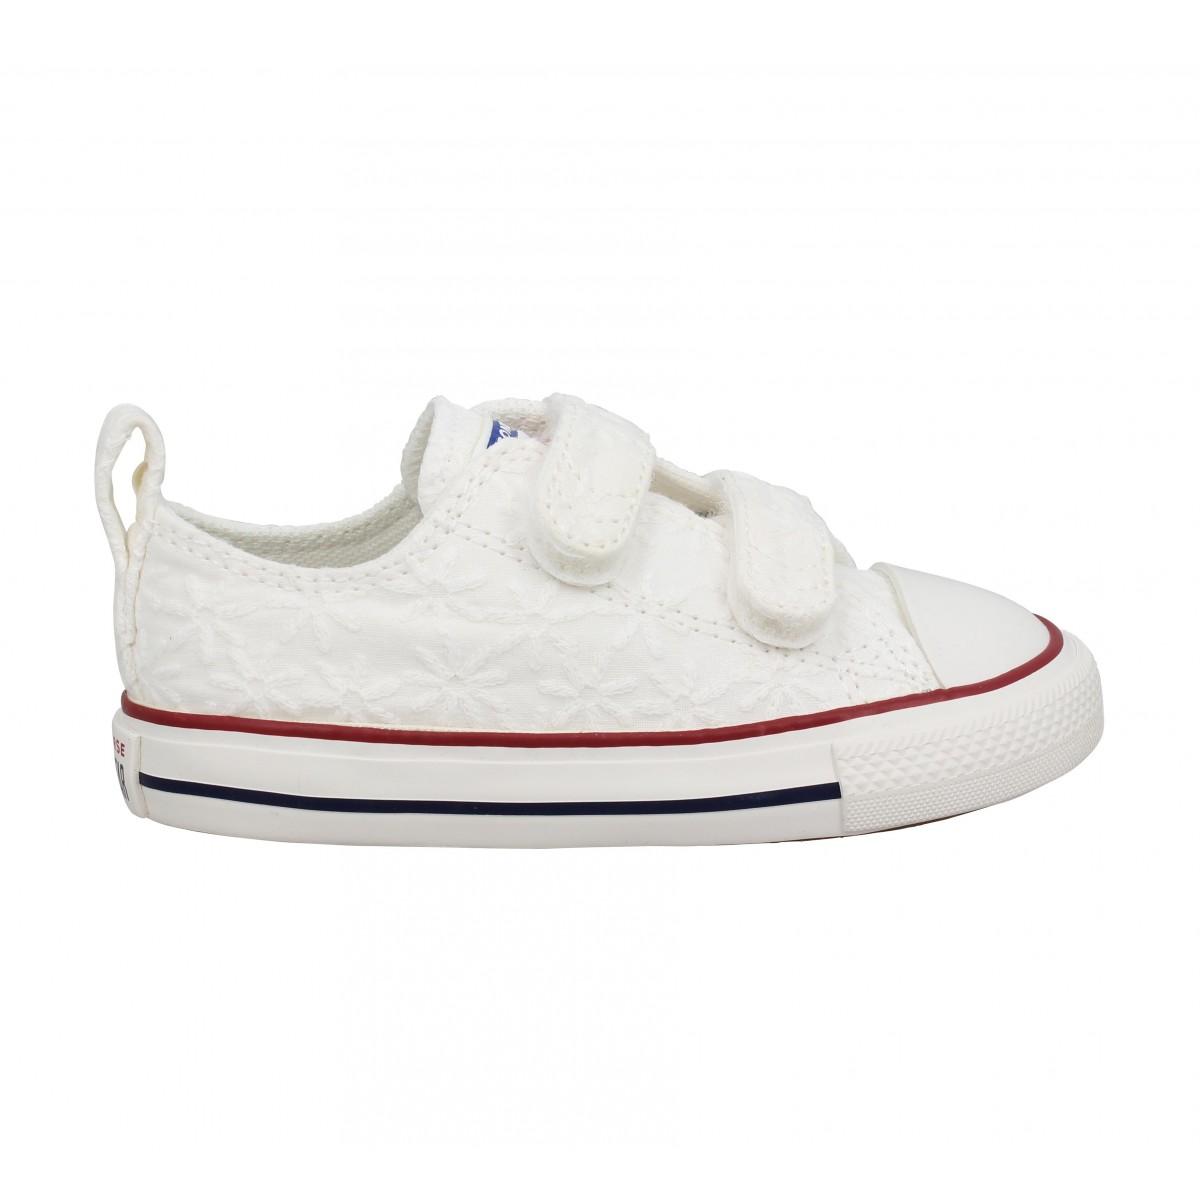 chaussures converse blanche enfant